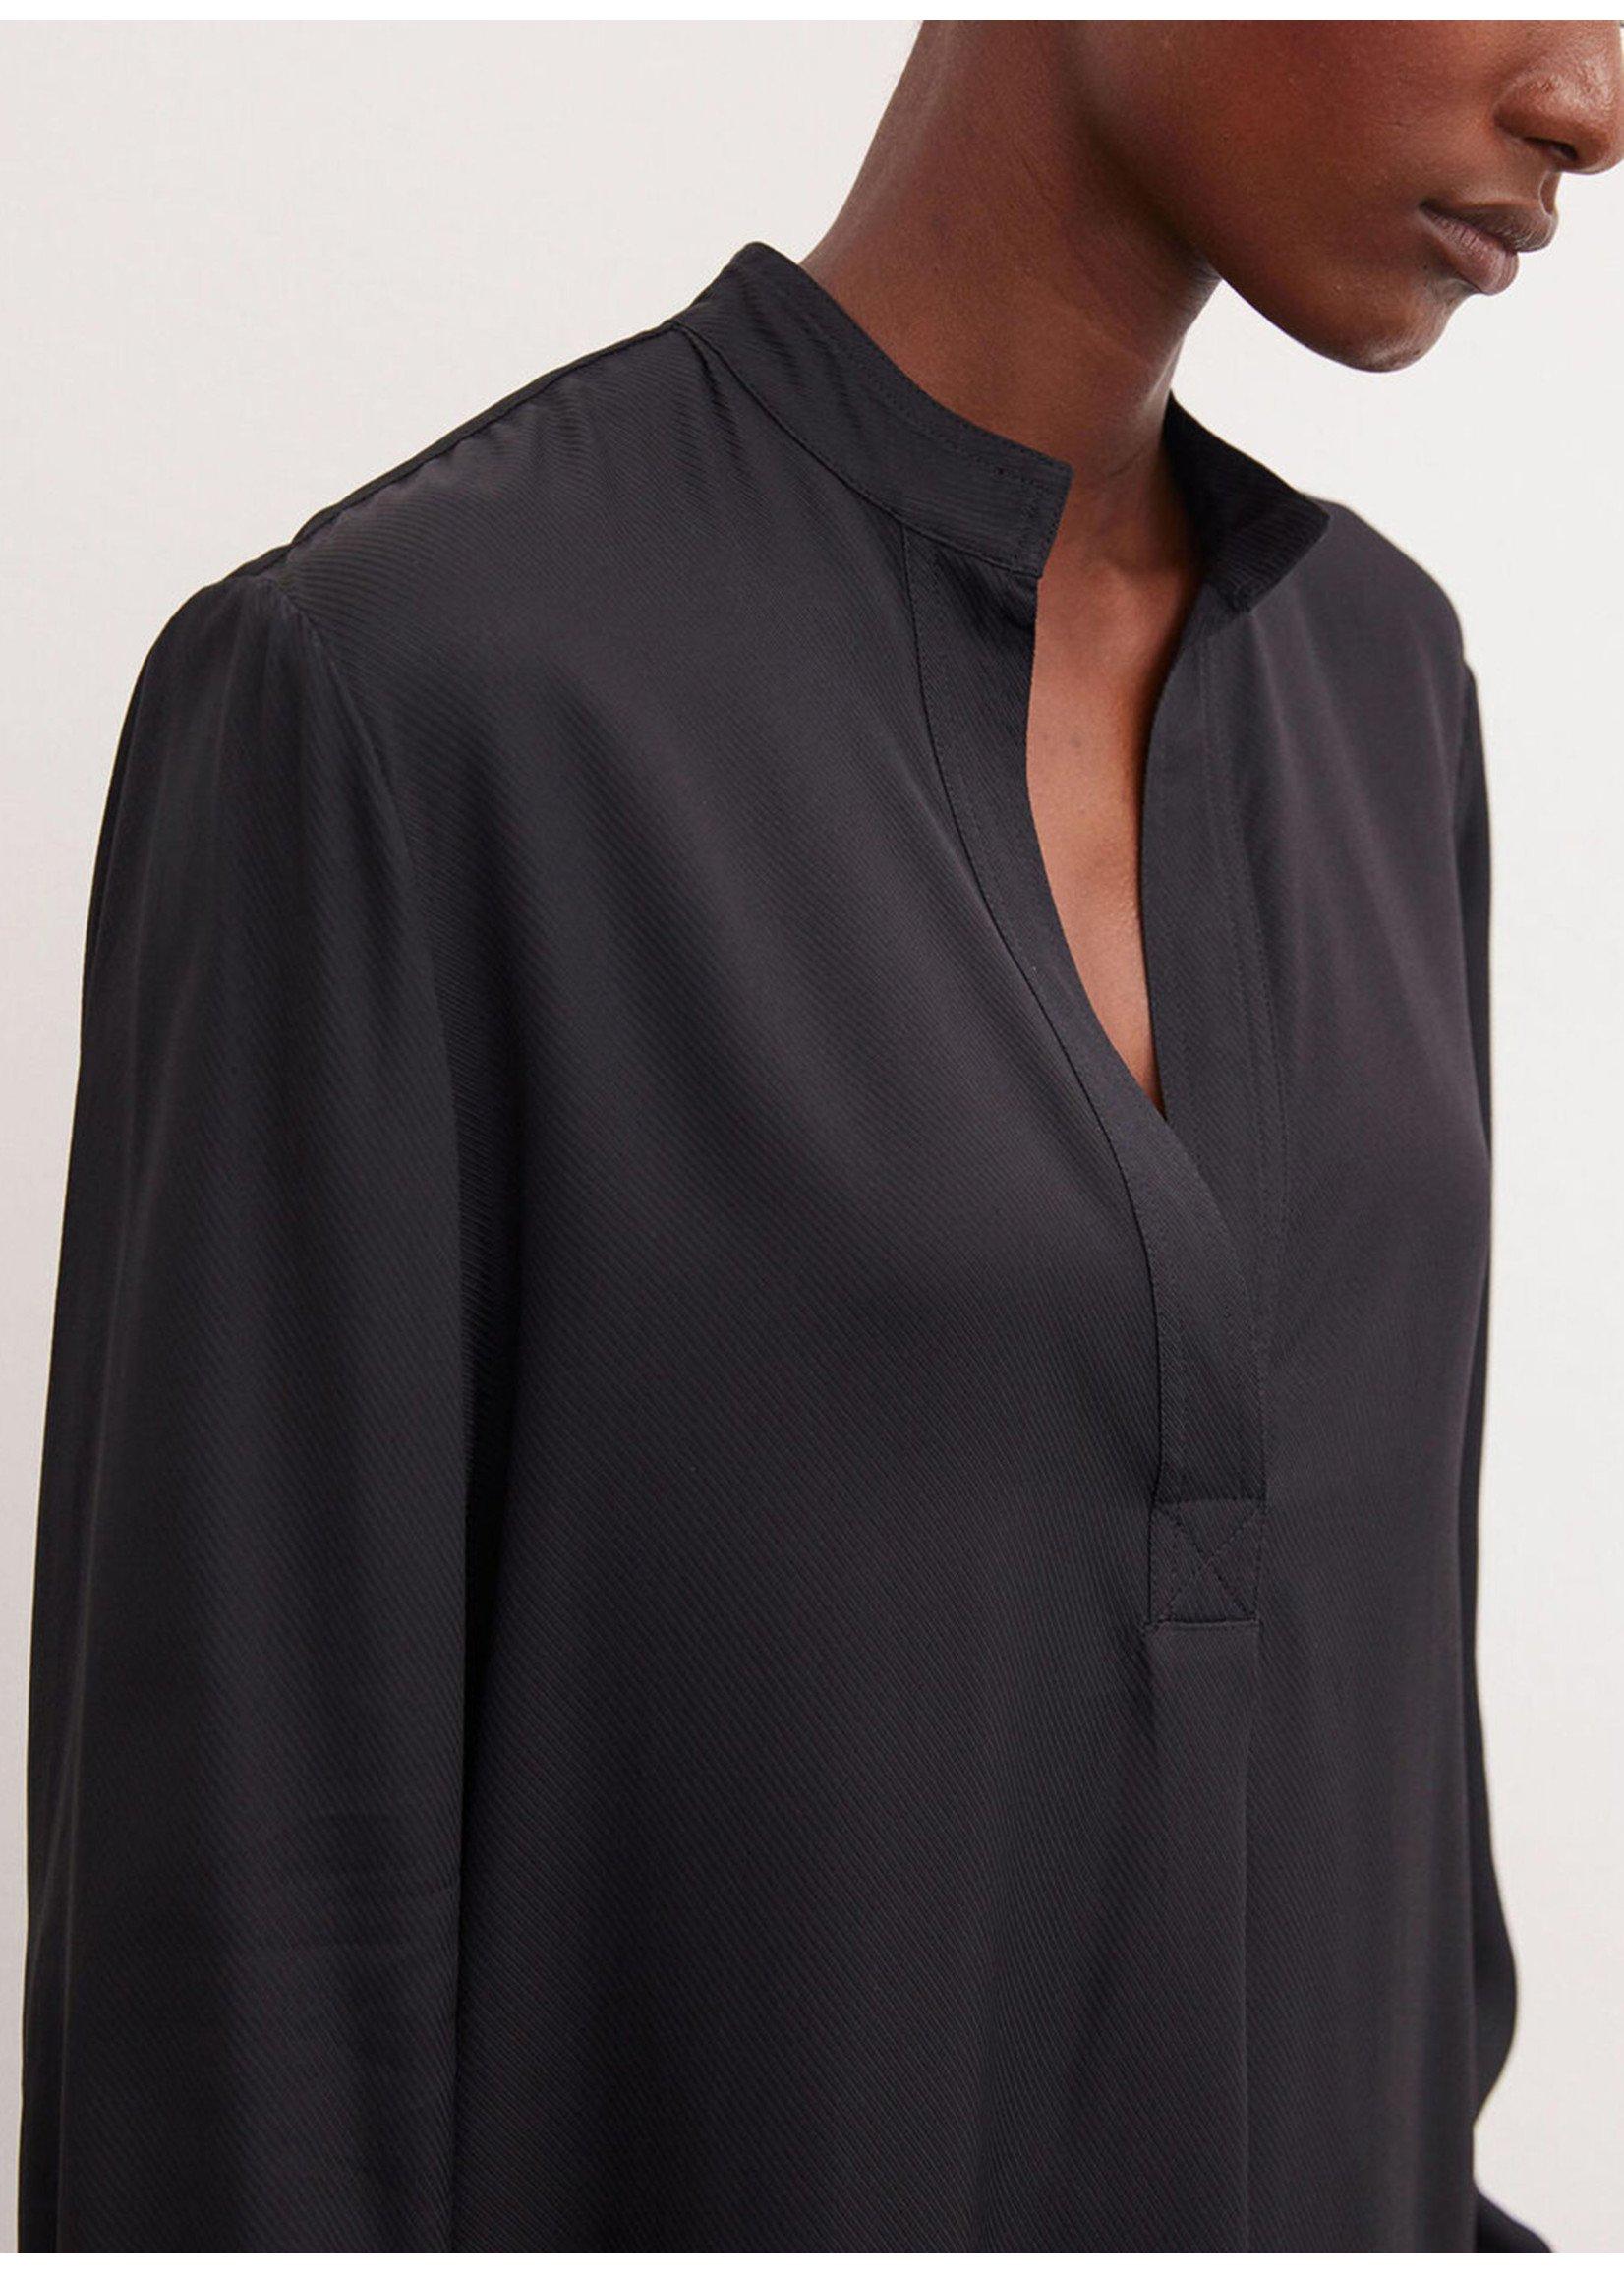 Malene Birger Mabilla dress black